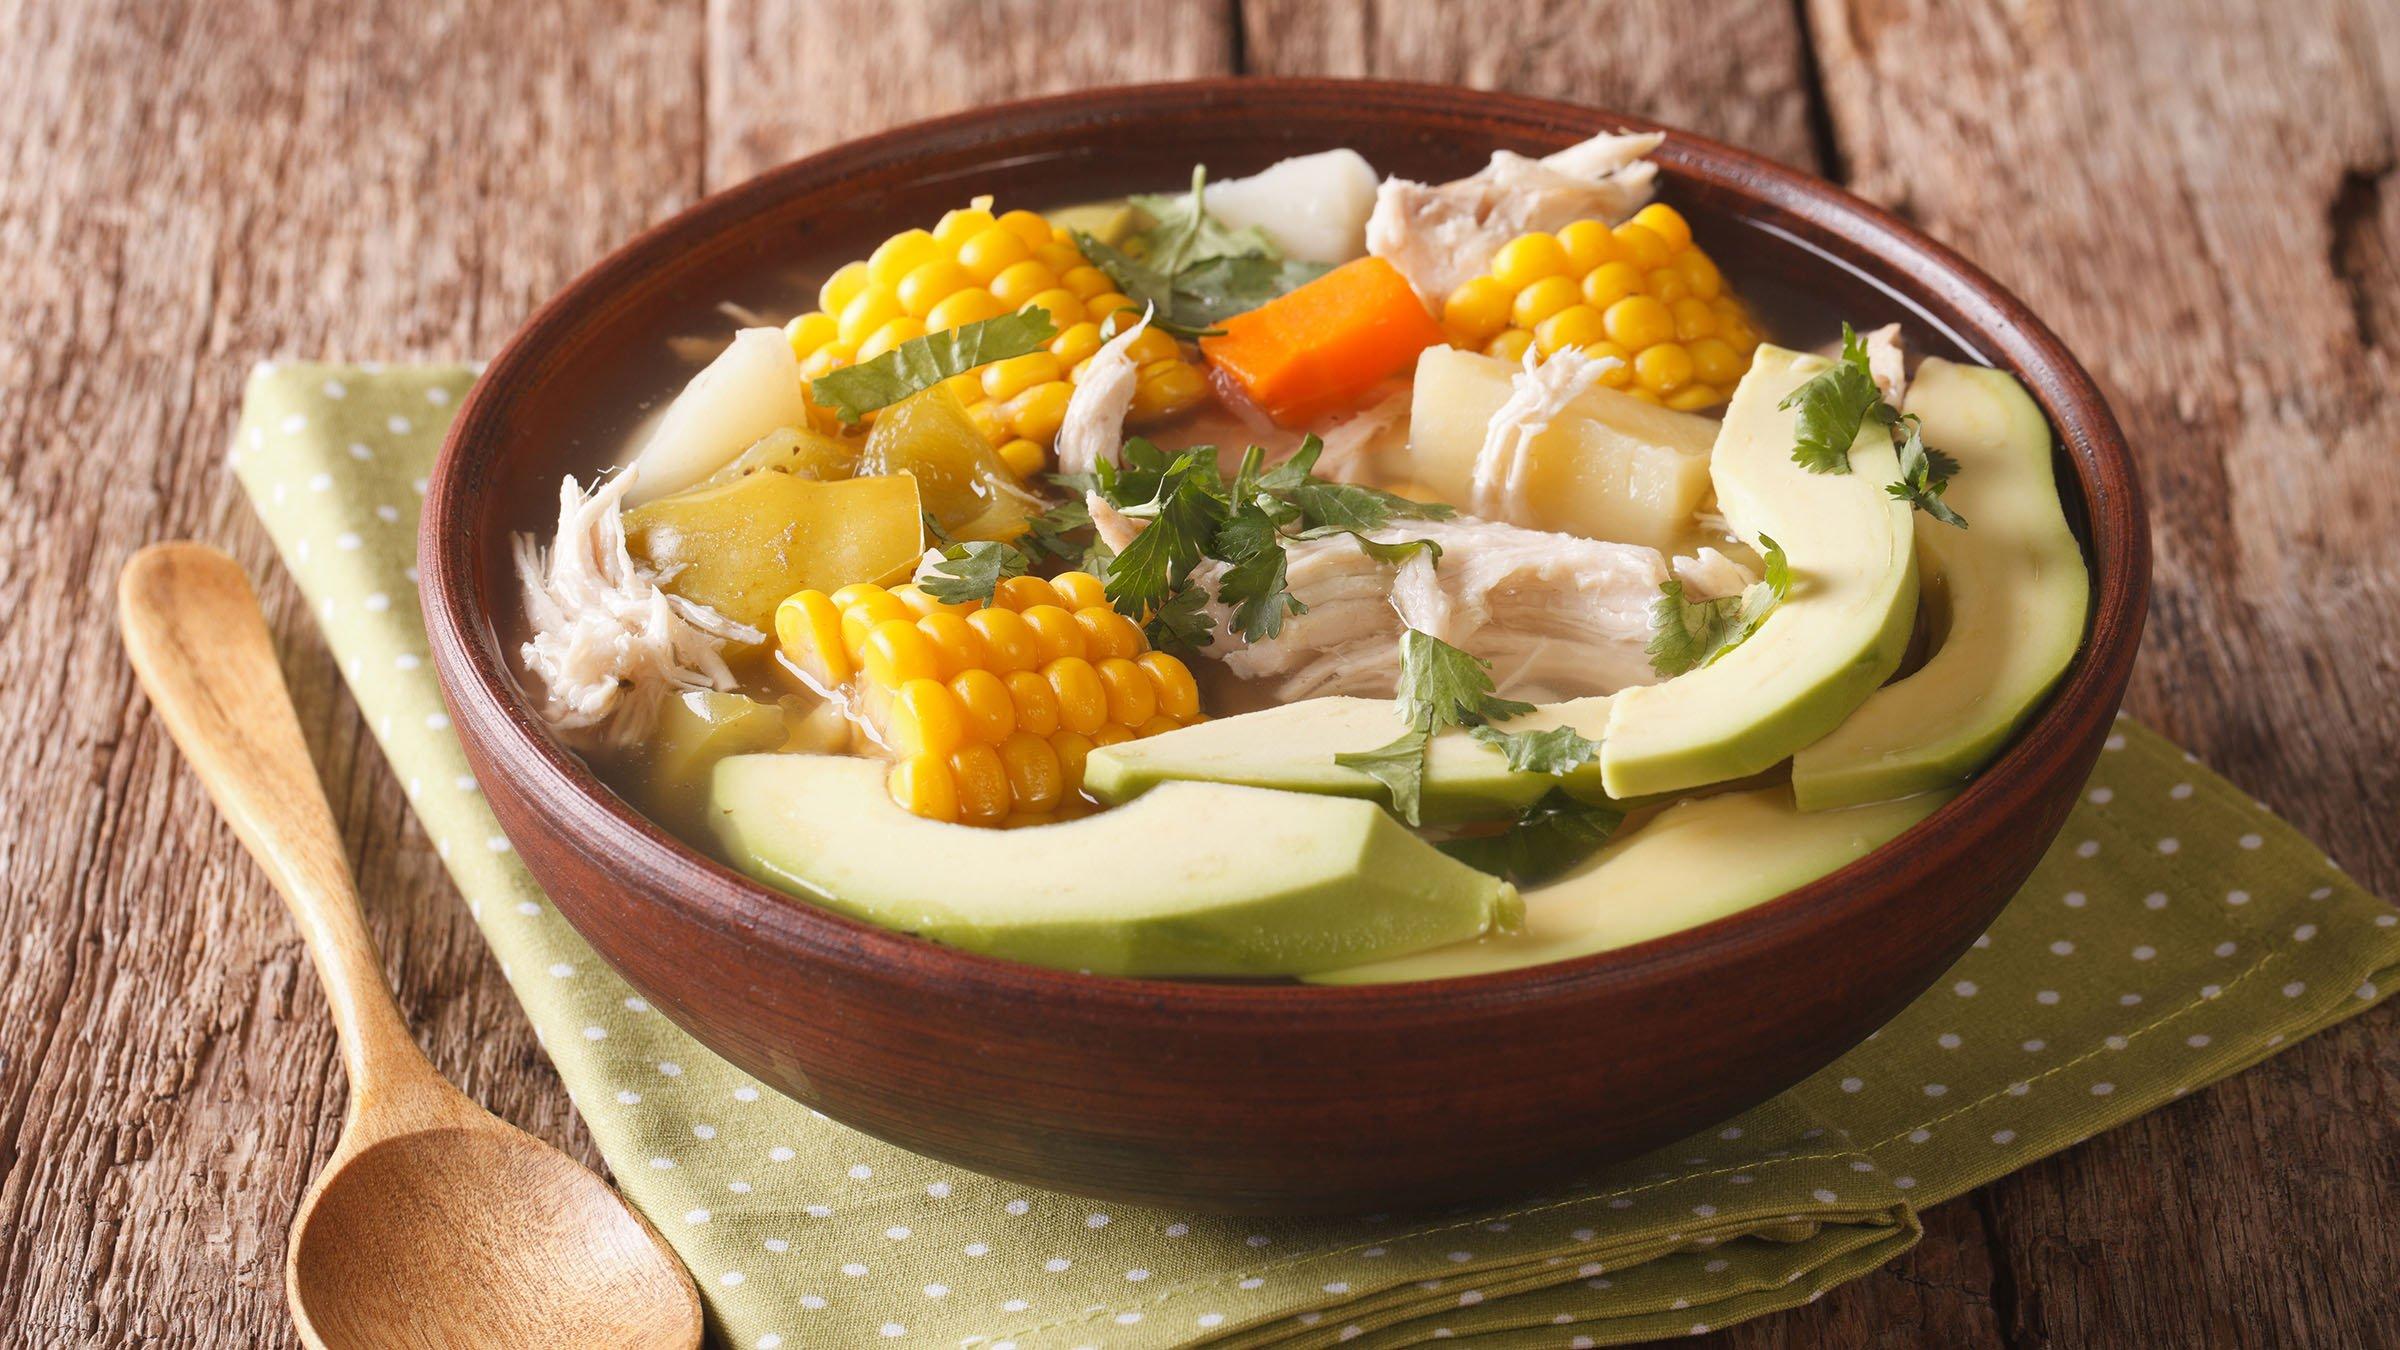 El ajiaco una sopa tradicional andina - Platos faciles de hacer ...